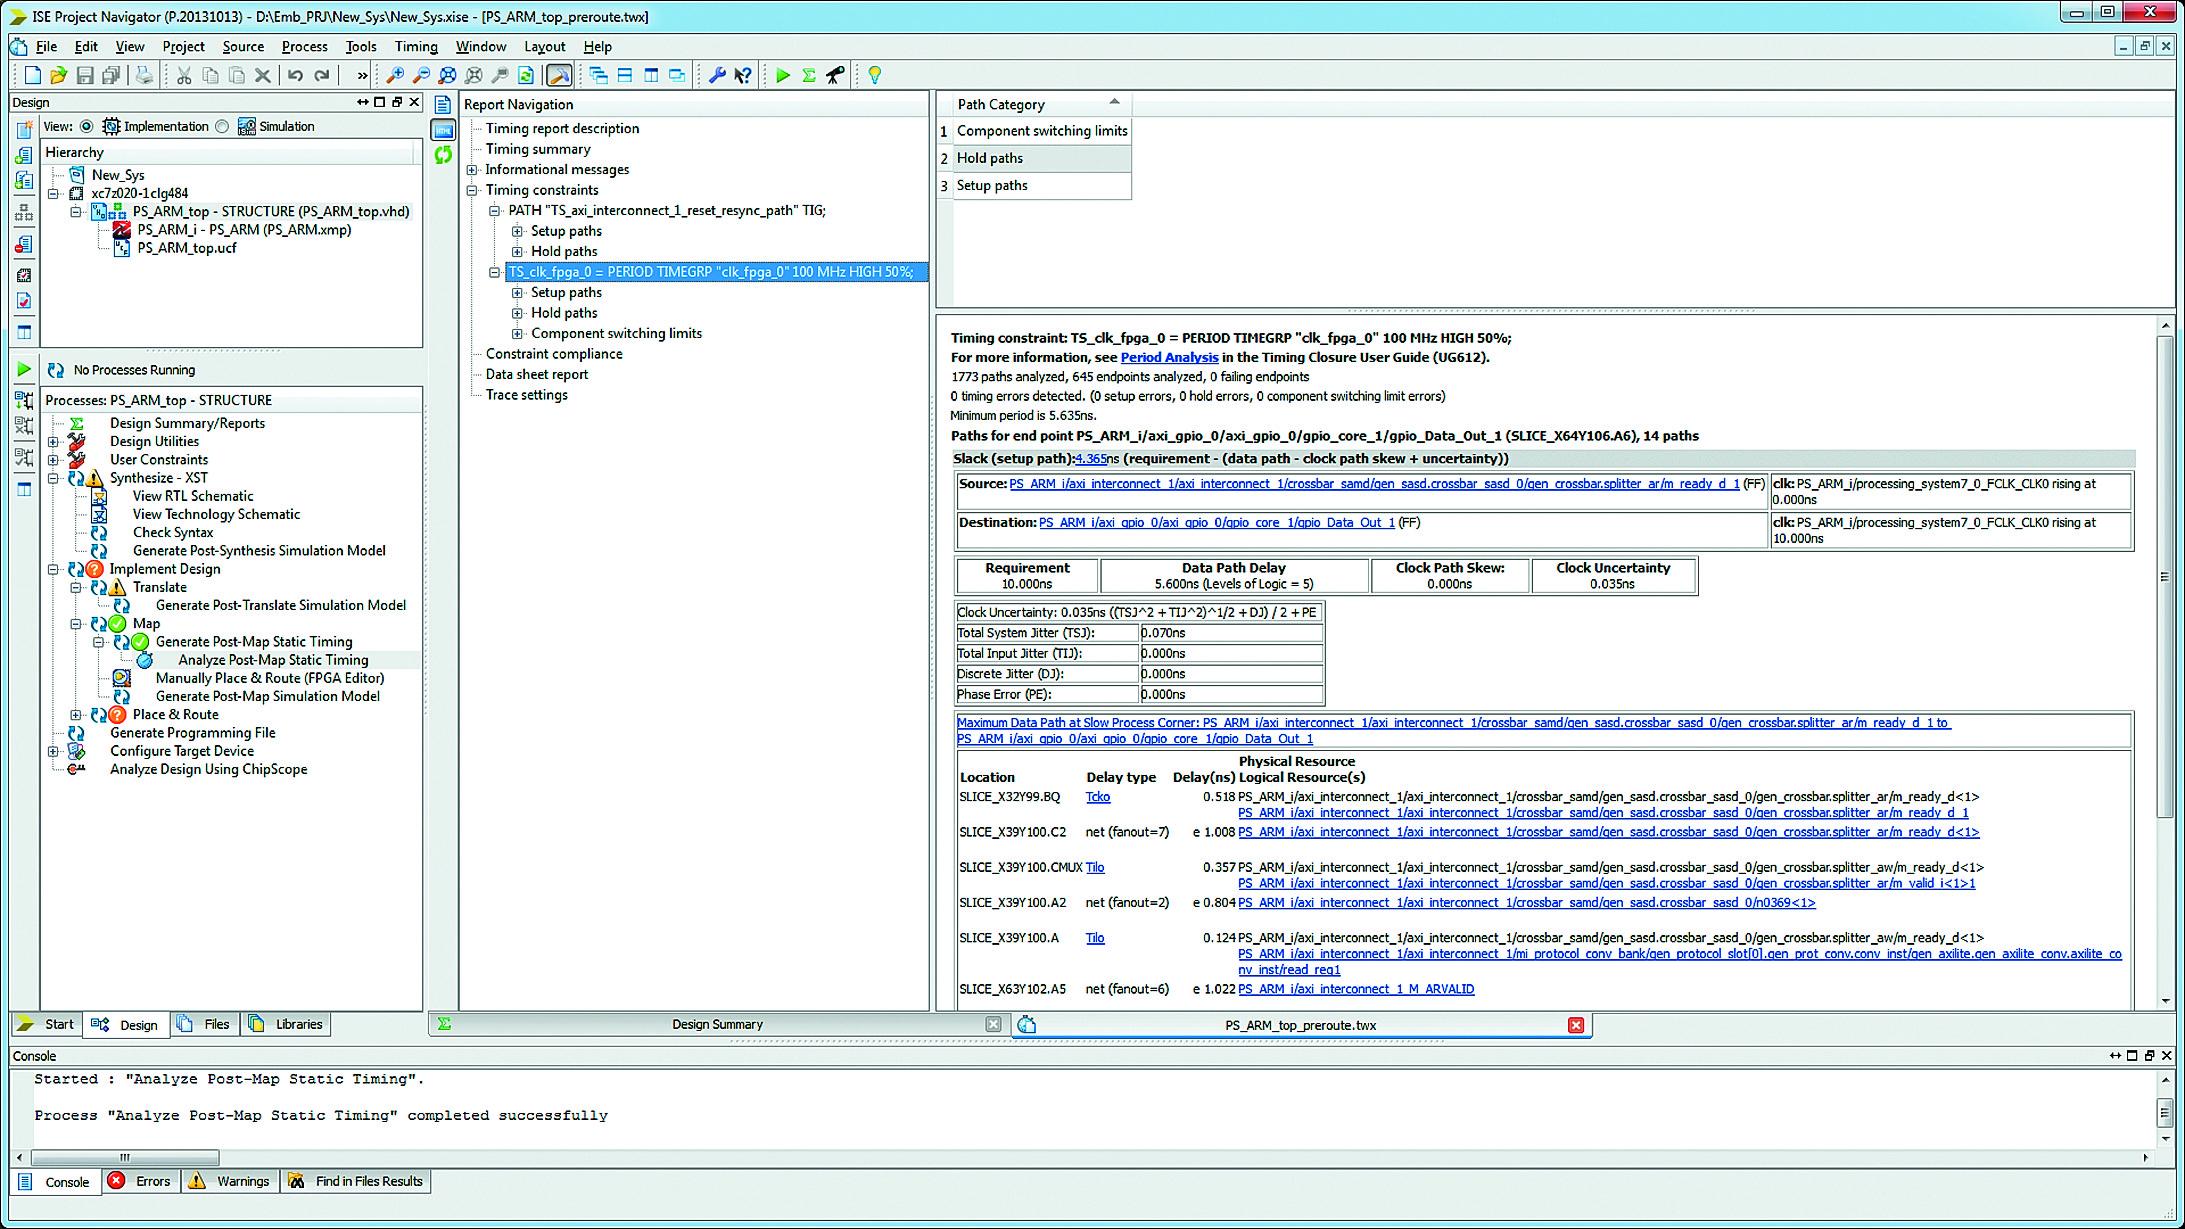 Отображение отчета о результатах временного анализа в HTML-формате